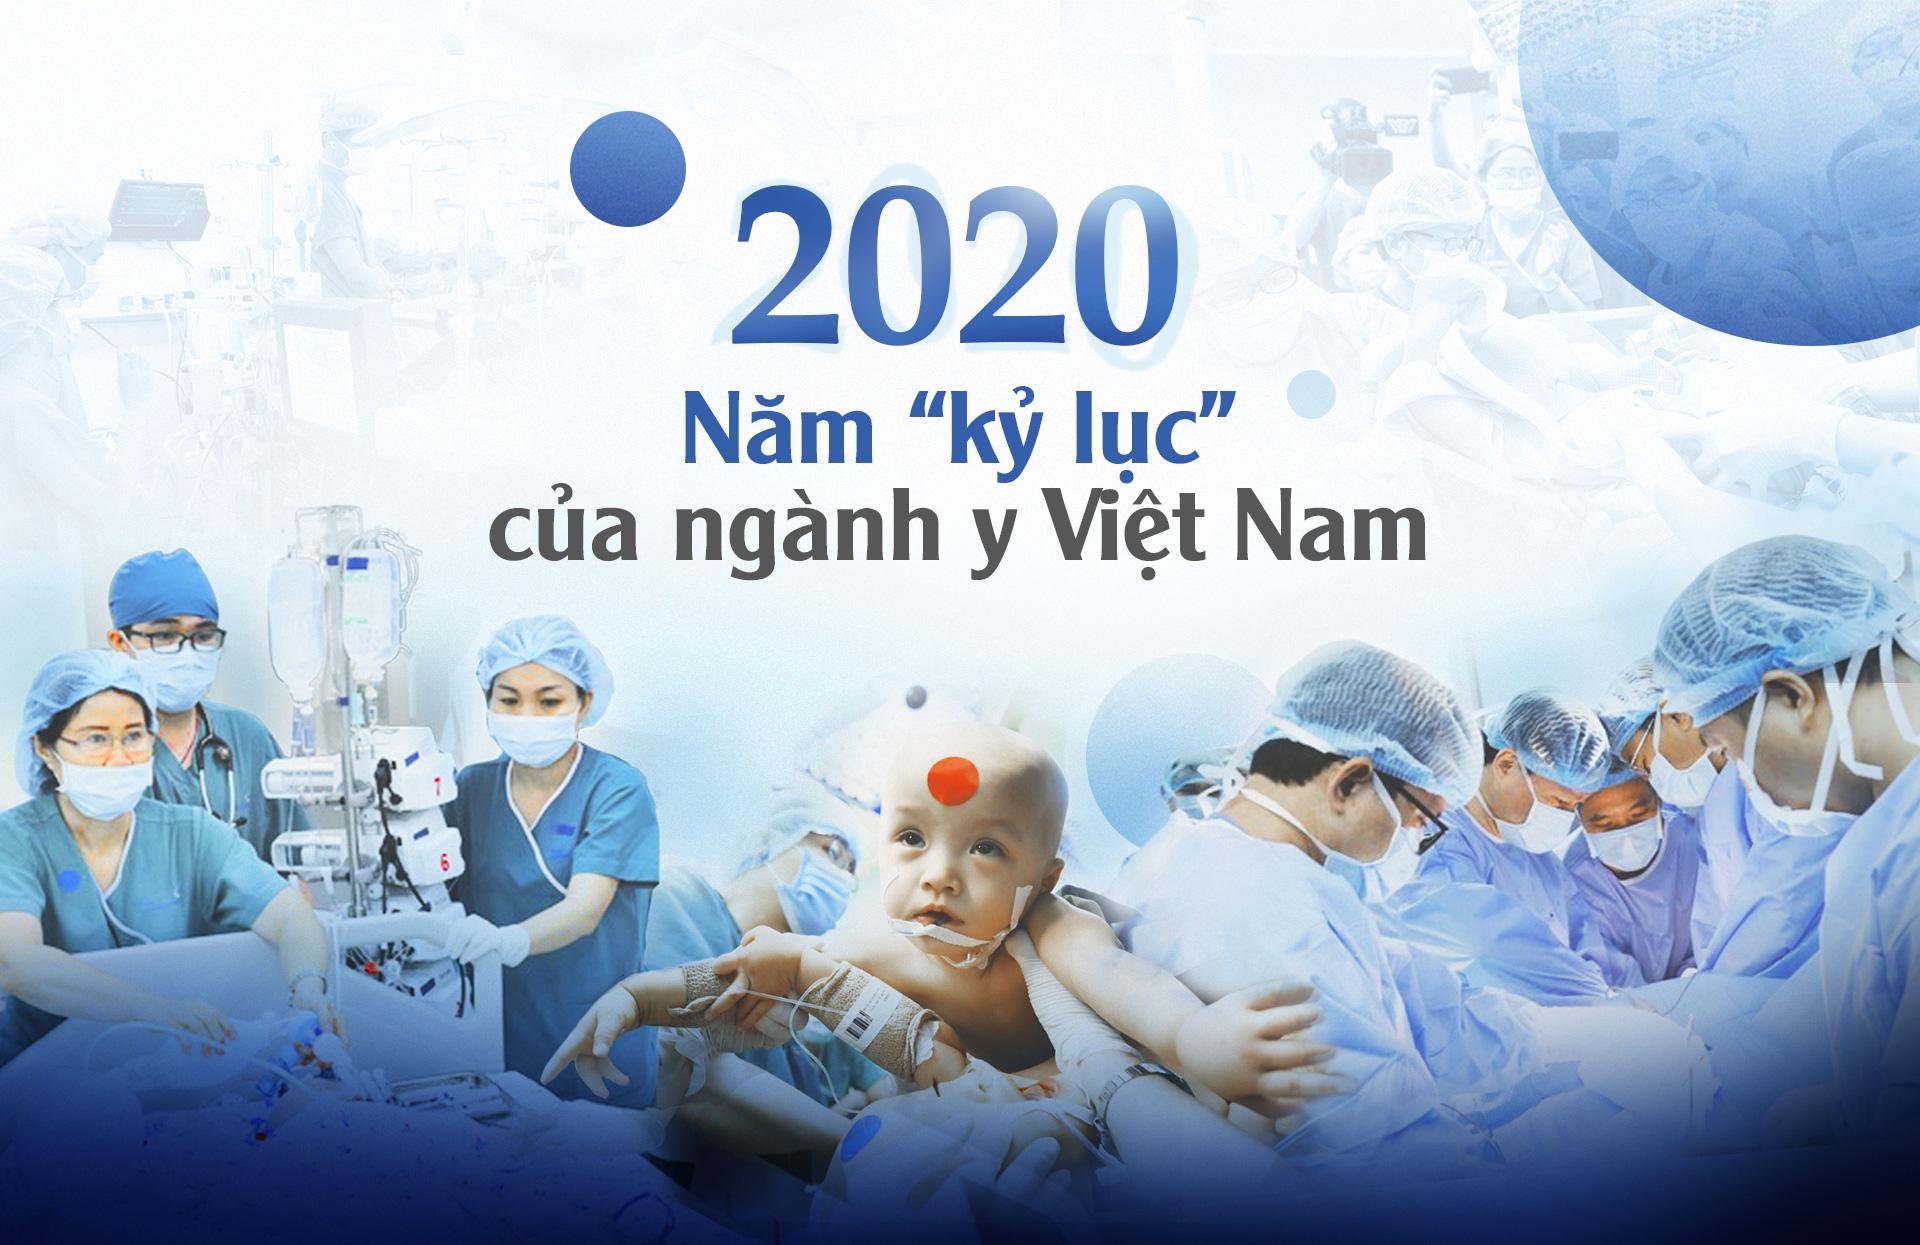 Năm 2020: Năm kỷ lục của ngành y Việt Nam